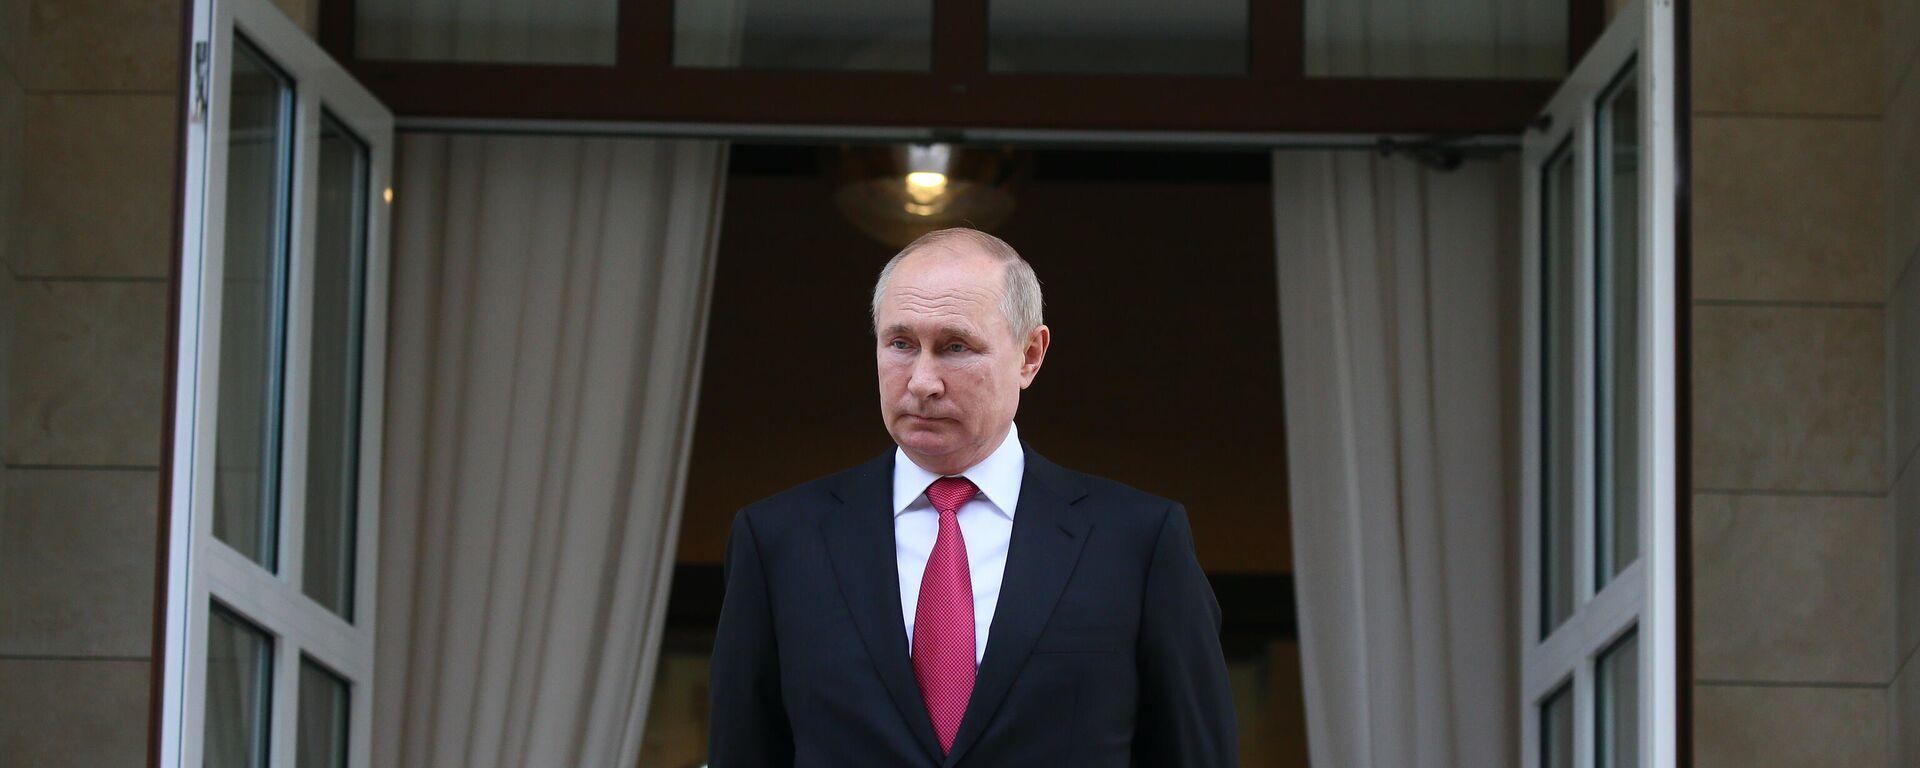 Vladimir Putin - Sputnik Türkiye, 1920, 13.10.2021